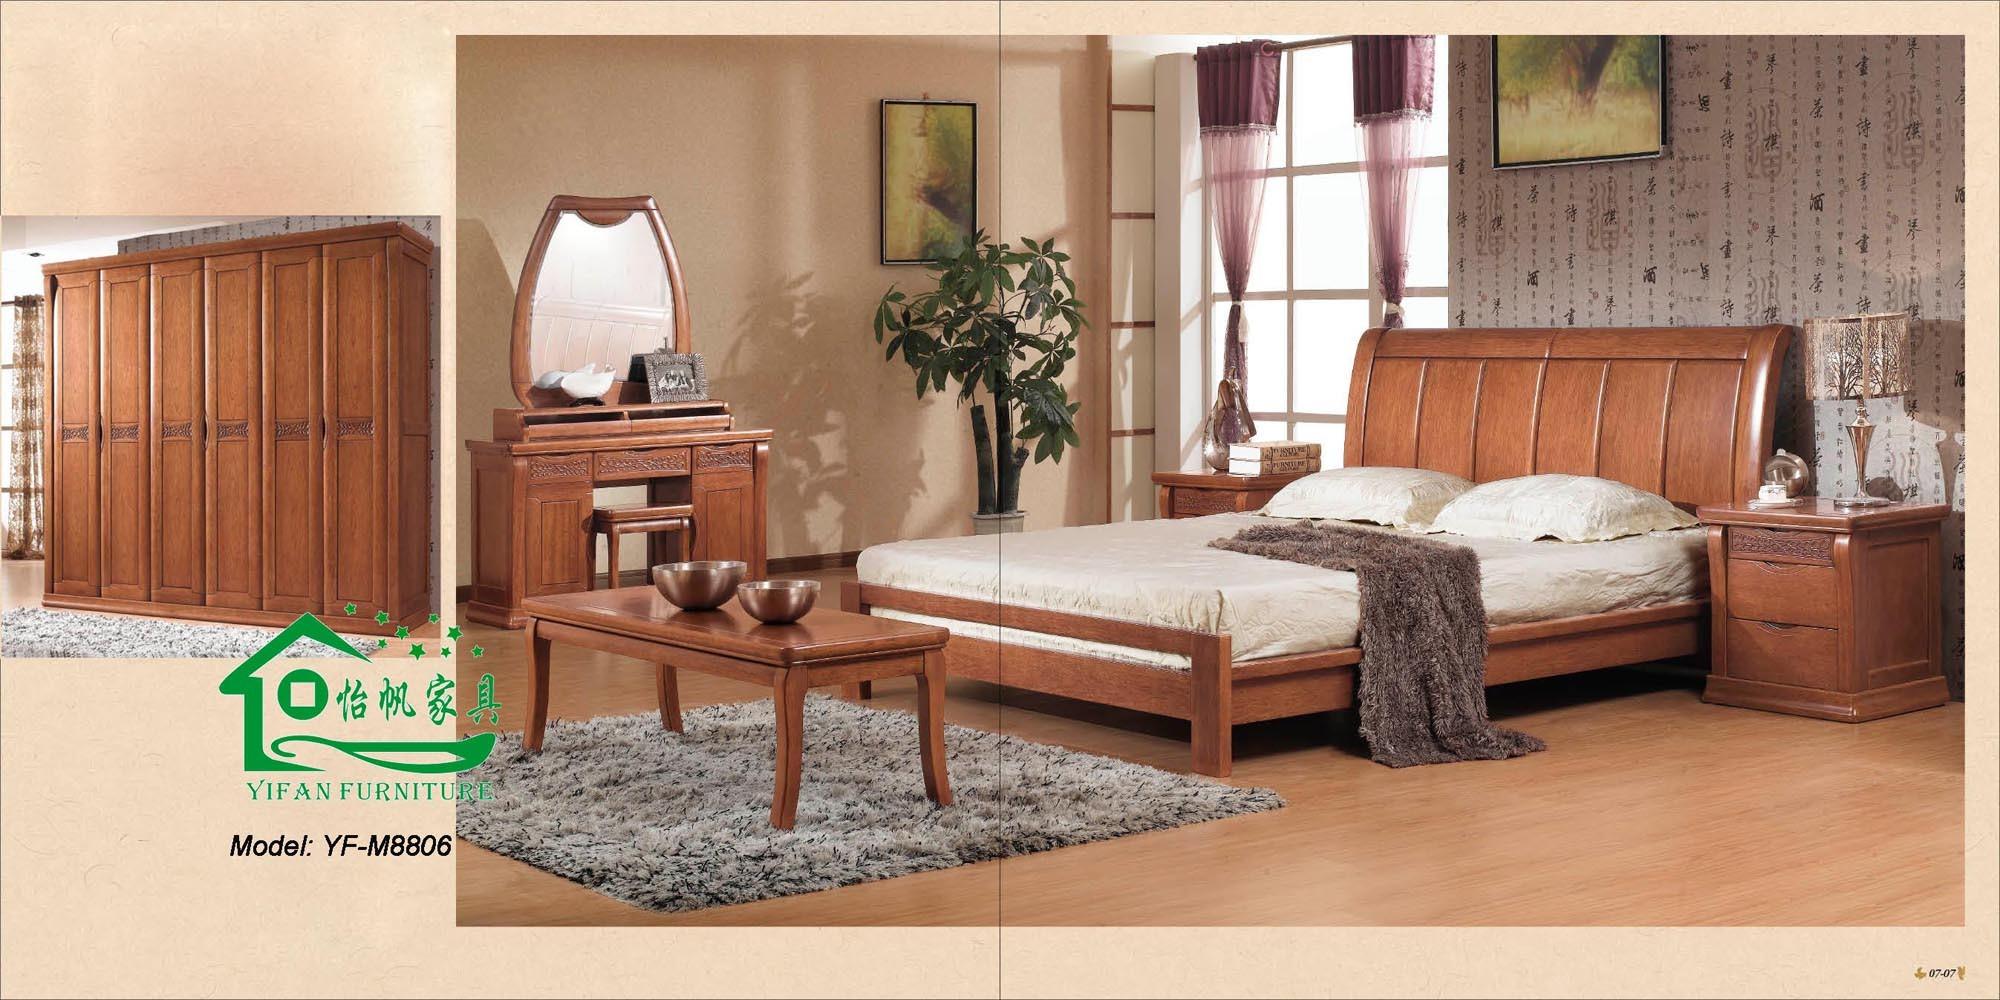 Bed gigante para el dormitorio furniture y hotel furniture for Fabricante de muebles de madera